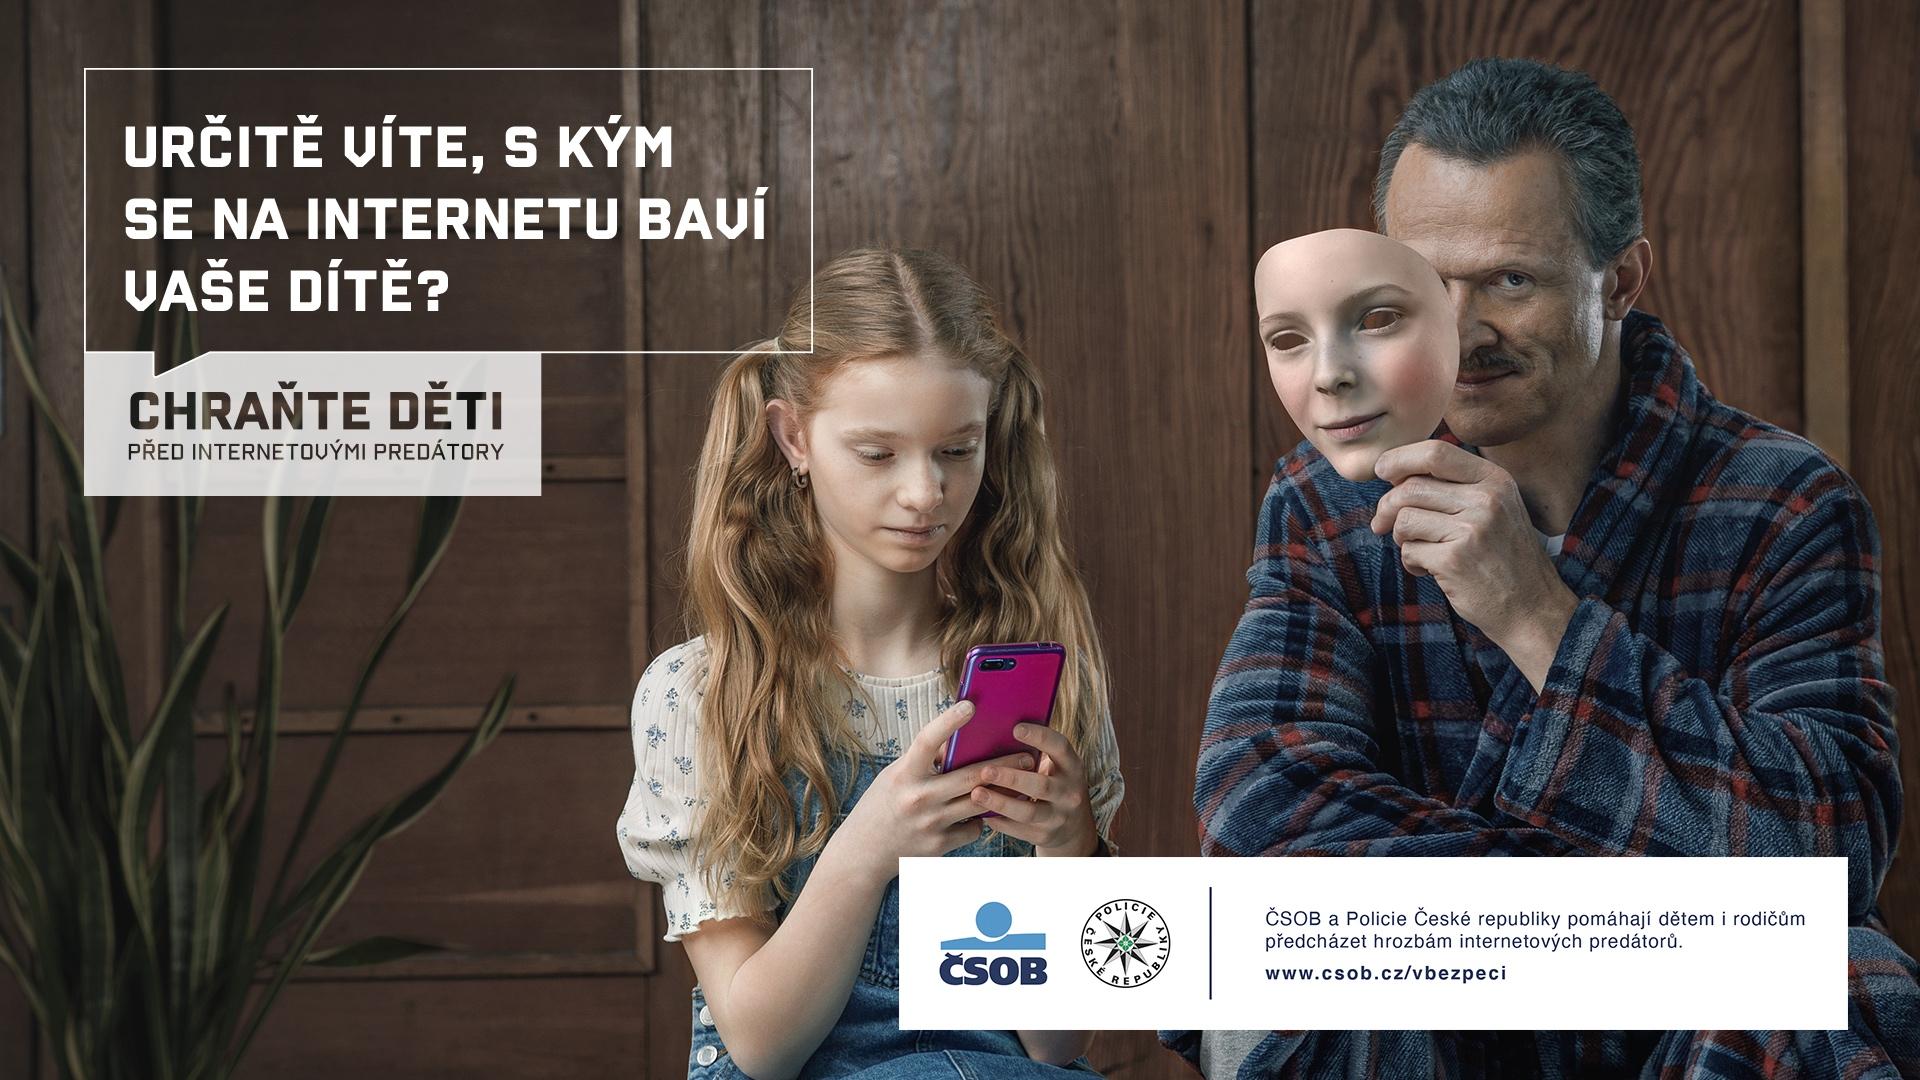 ČSOB a Policie ČR společně proti internetovým predátorům